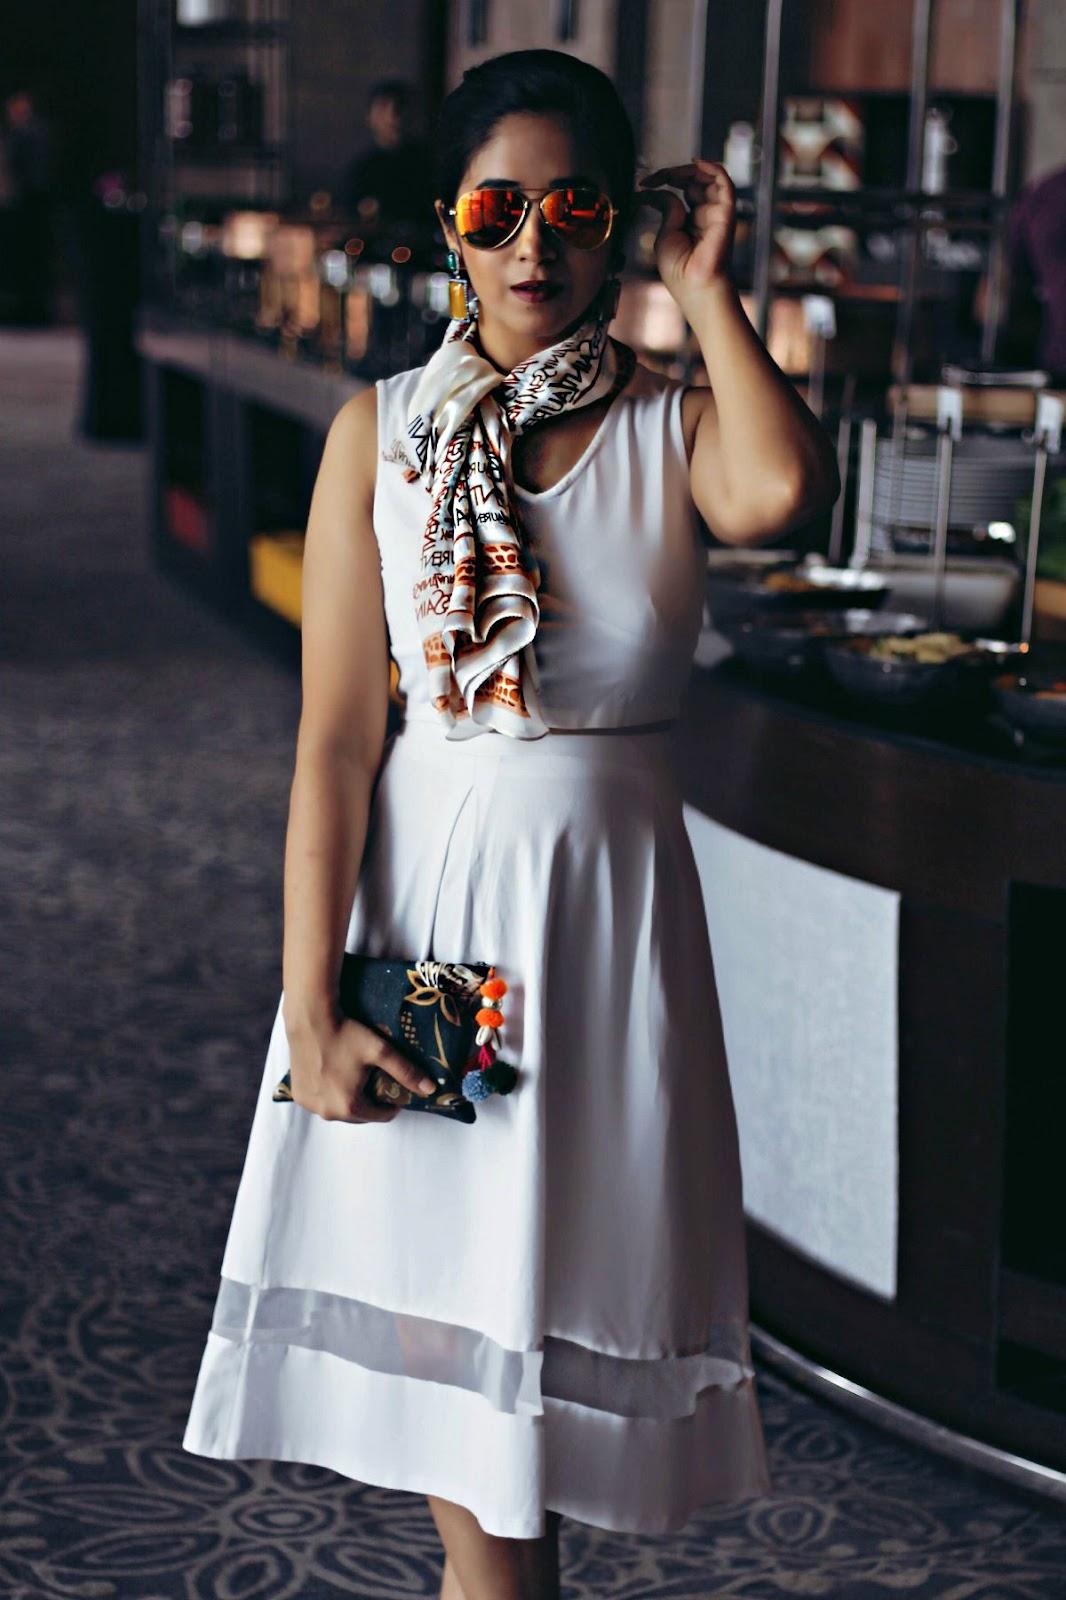 dior white dress